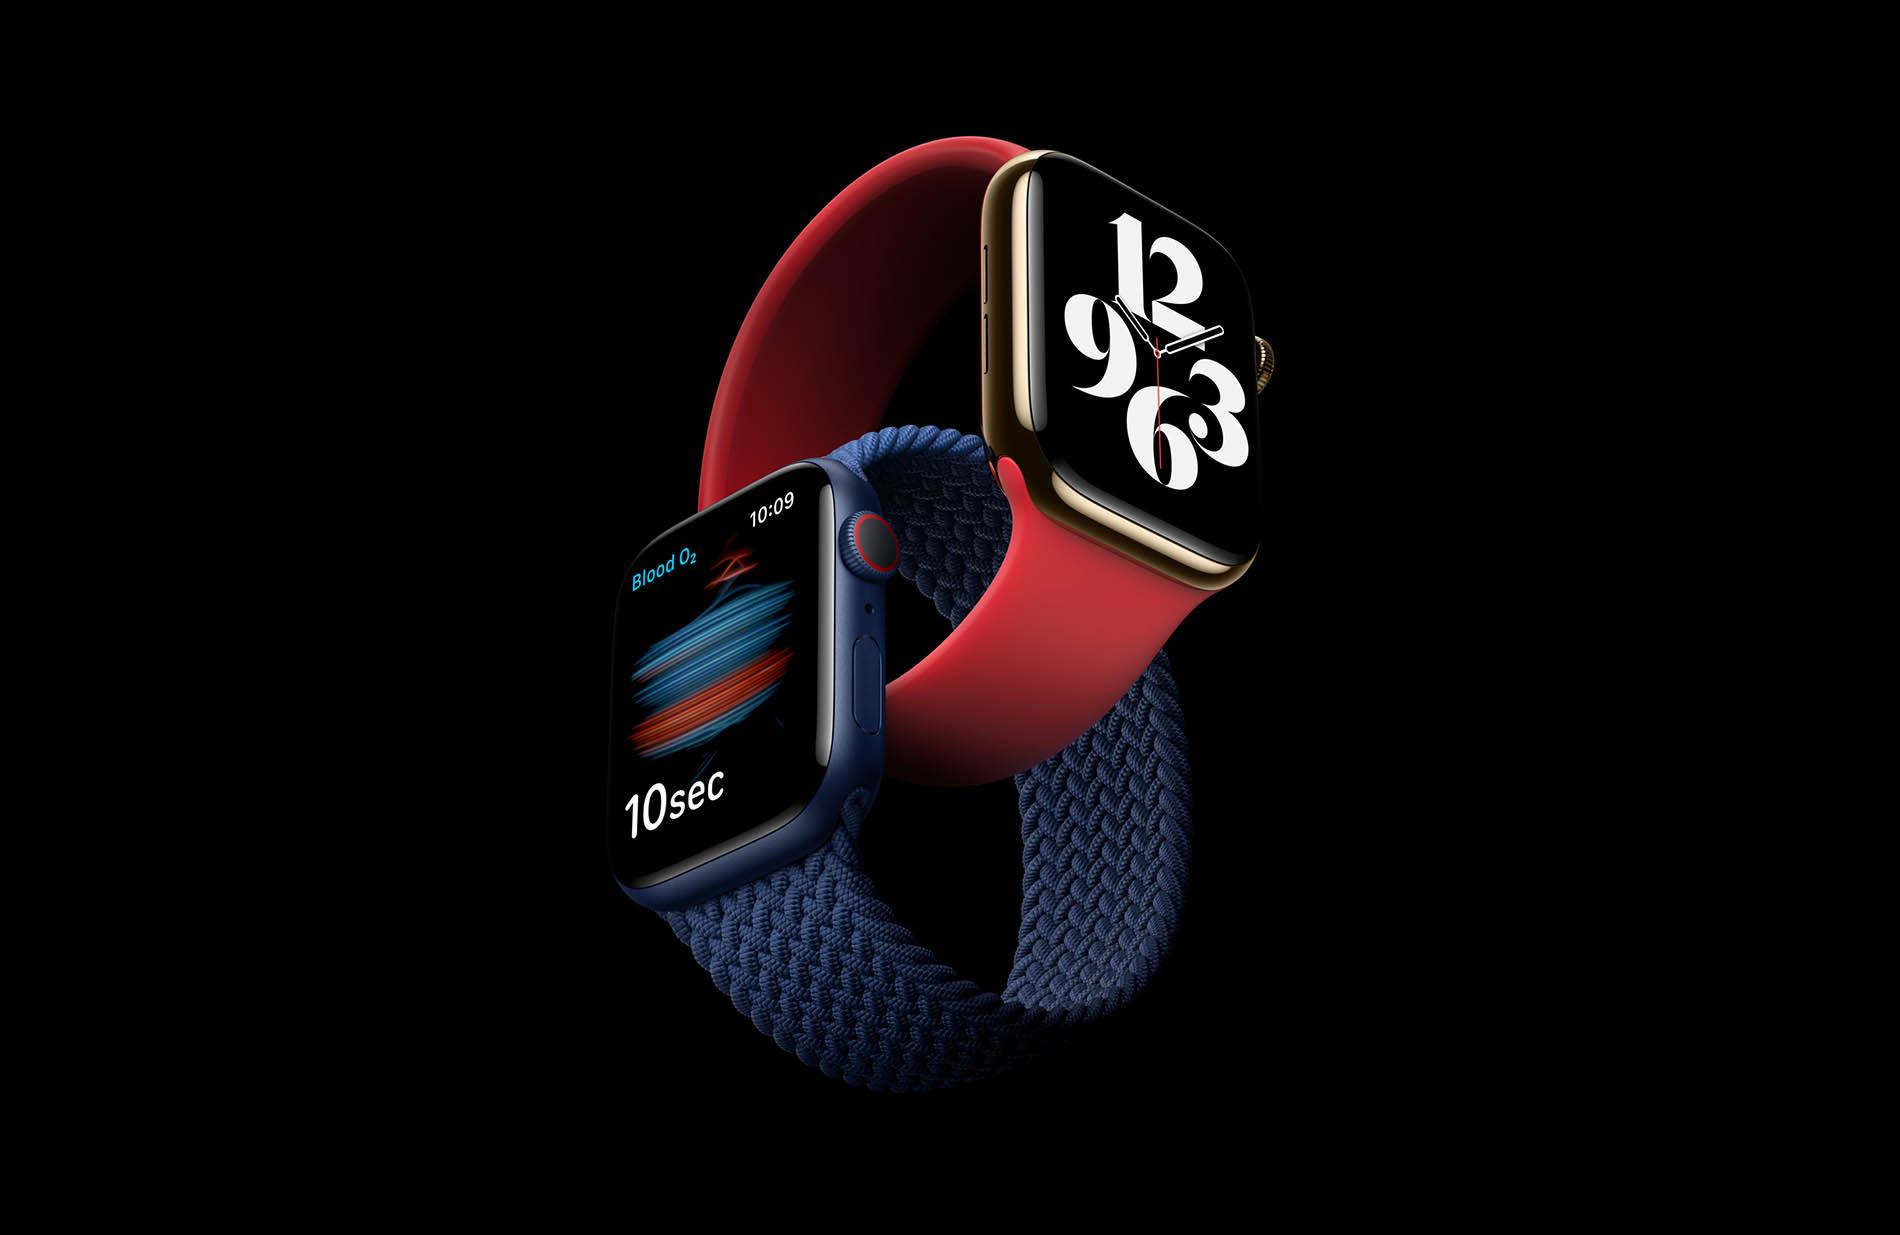 imballare mod Per legge  Apple Watch Series 6 ha nuove funzioni rivoluzionarie per il benessere e il  fitness - ArezzoWeb Informa